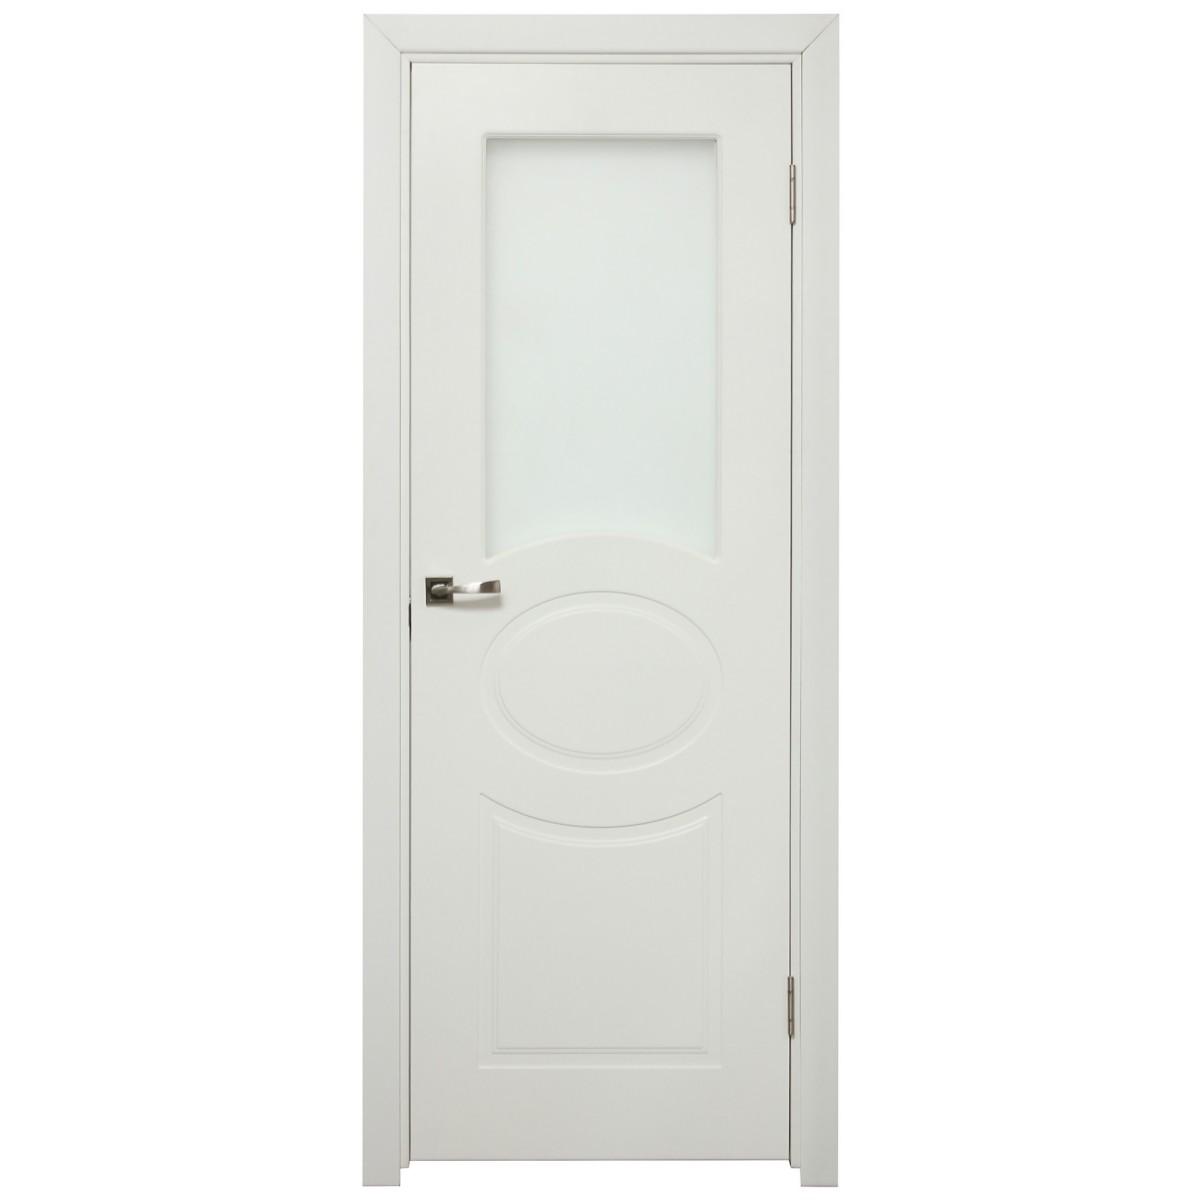 Дверь Межкомнатная Остеклённая Дэлия 70x200 Цвет Белый